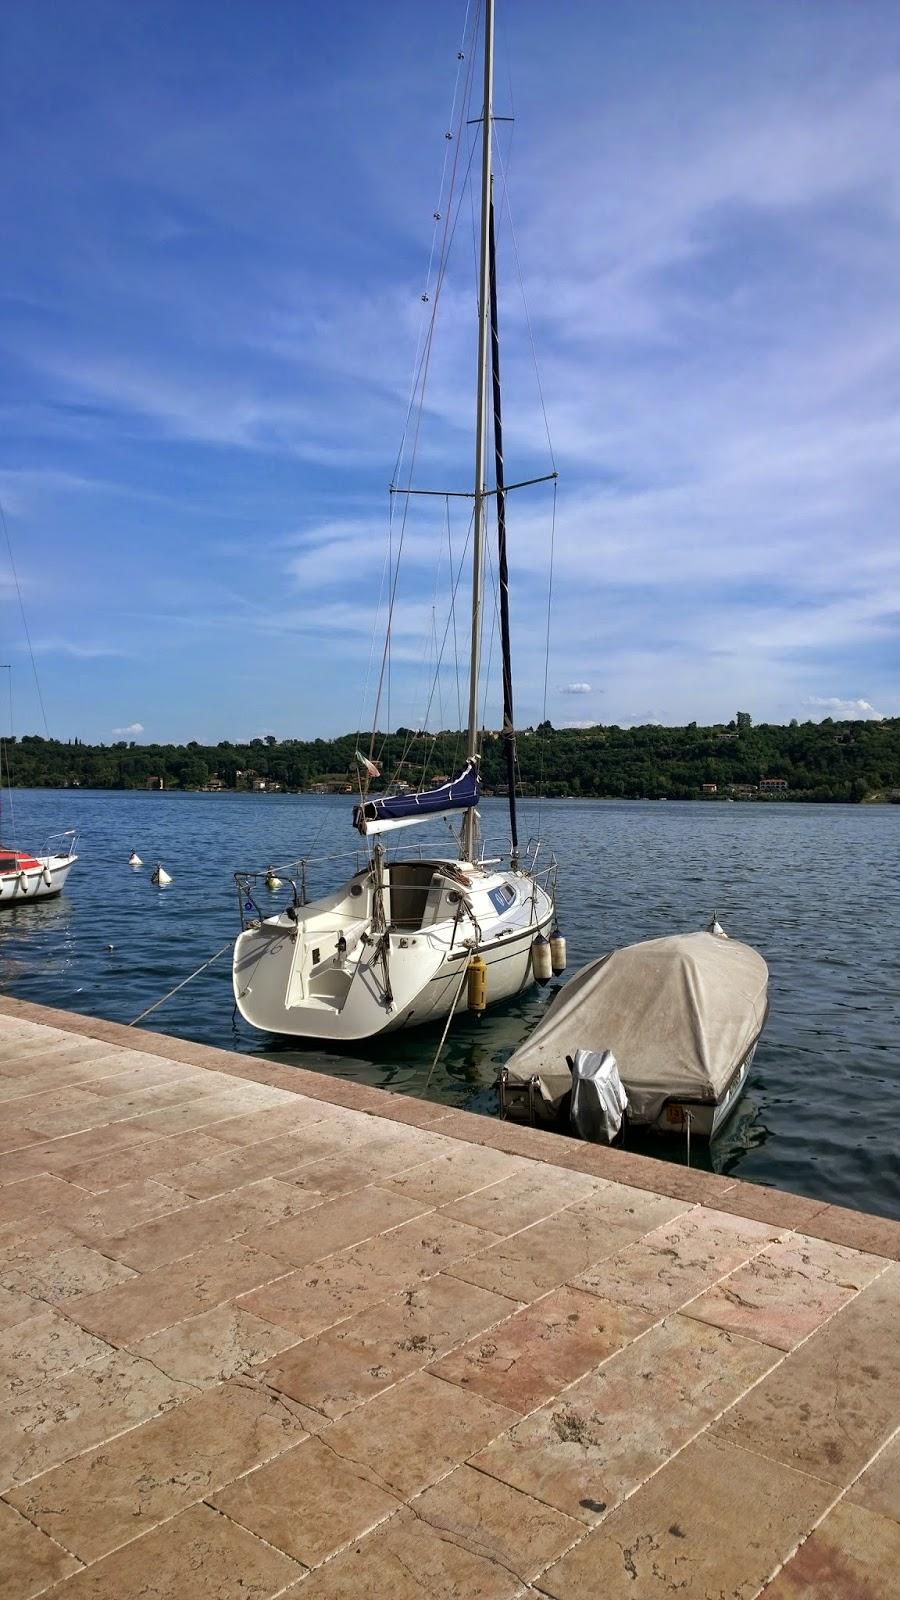 Boats at Salò, Lake Garda - Barche a Salò, Lago di Garda